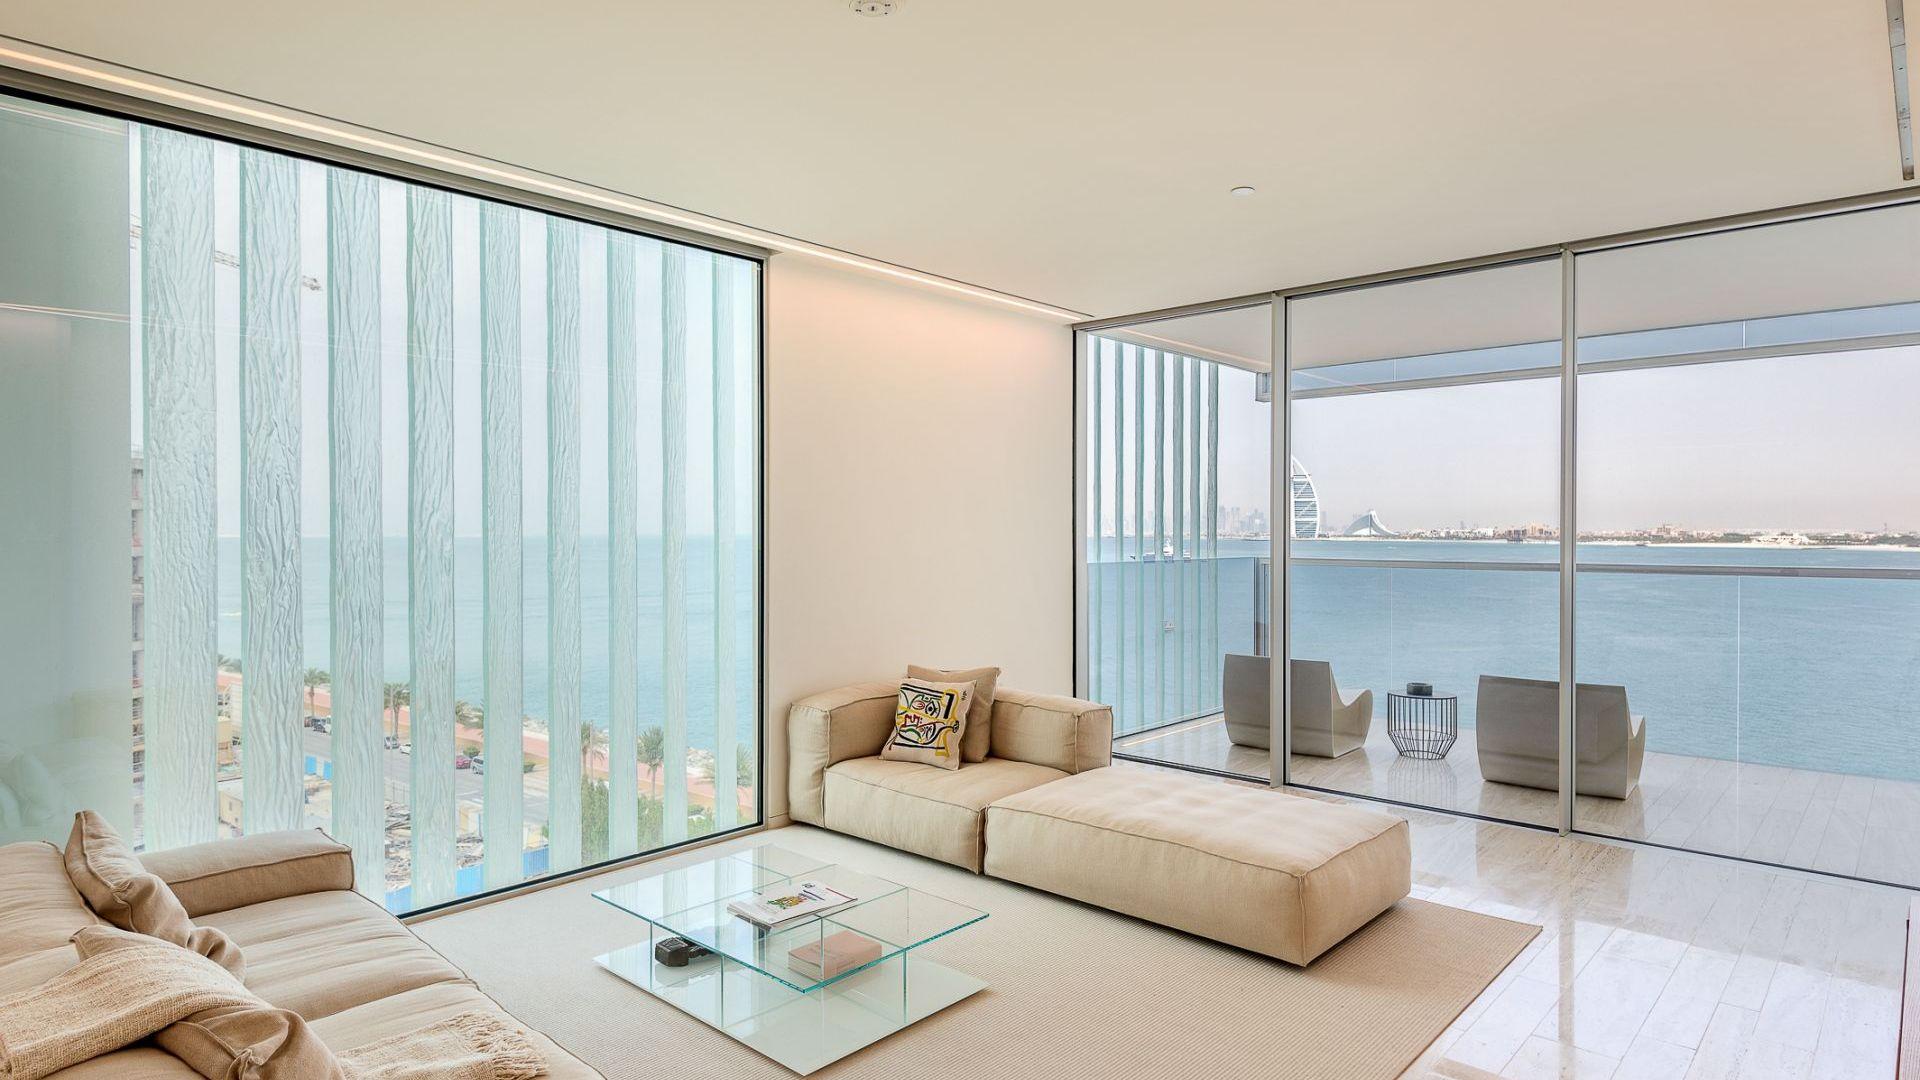 Ático en venta en Dubai, EAU, 5 dormitorios, 673 m2, № 24477 – foto 2